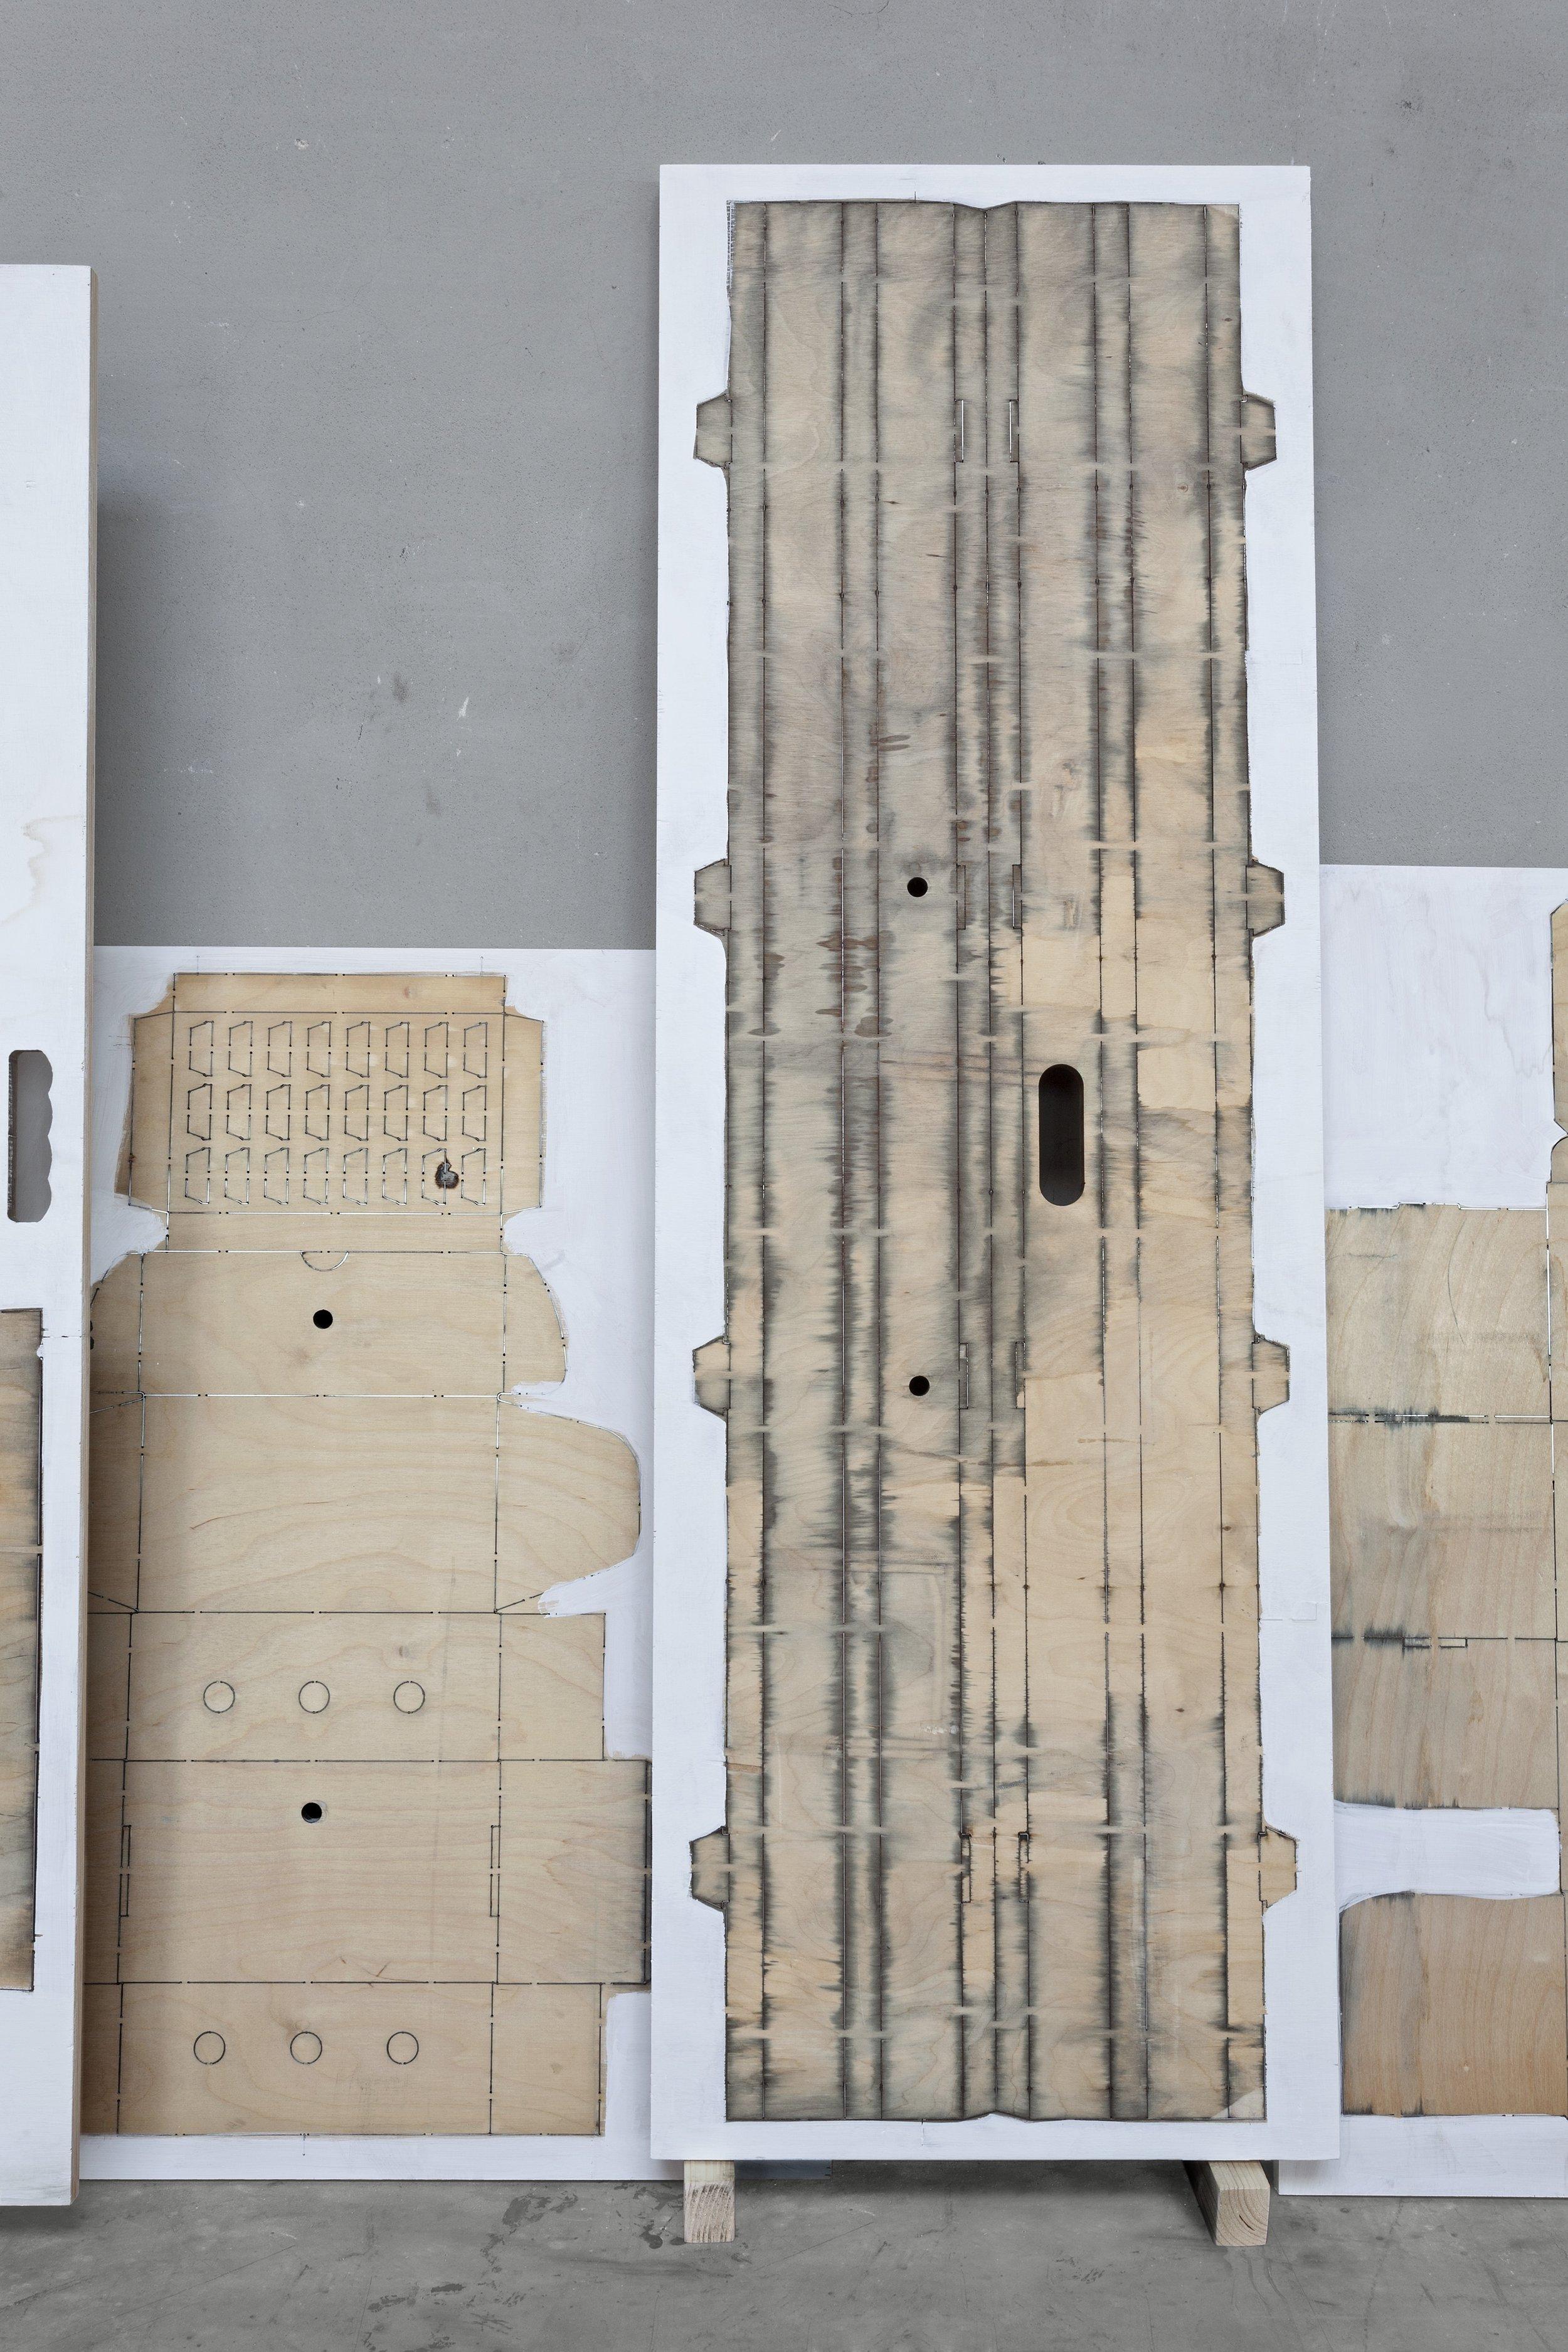 La Torre #32  2019 - acrilico su fustella in multistrato di legno  cm 125x40x3